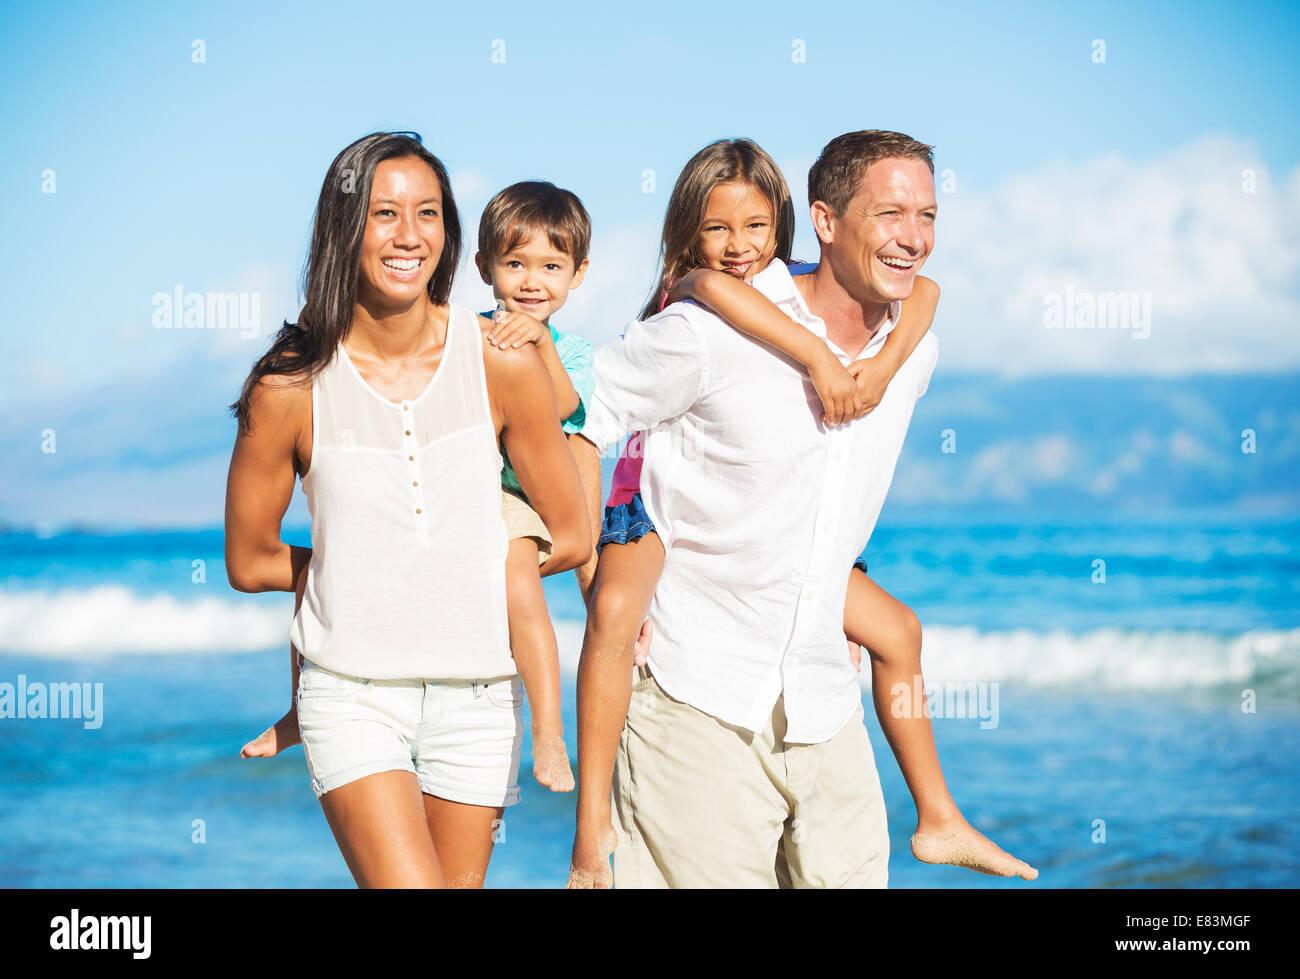 Glücklich Porträt der Mischlinge Familie am Strand Stockbild